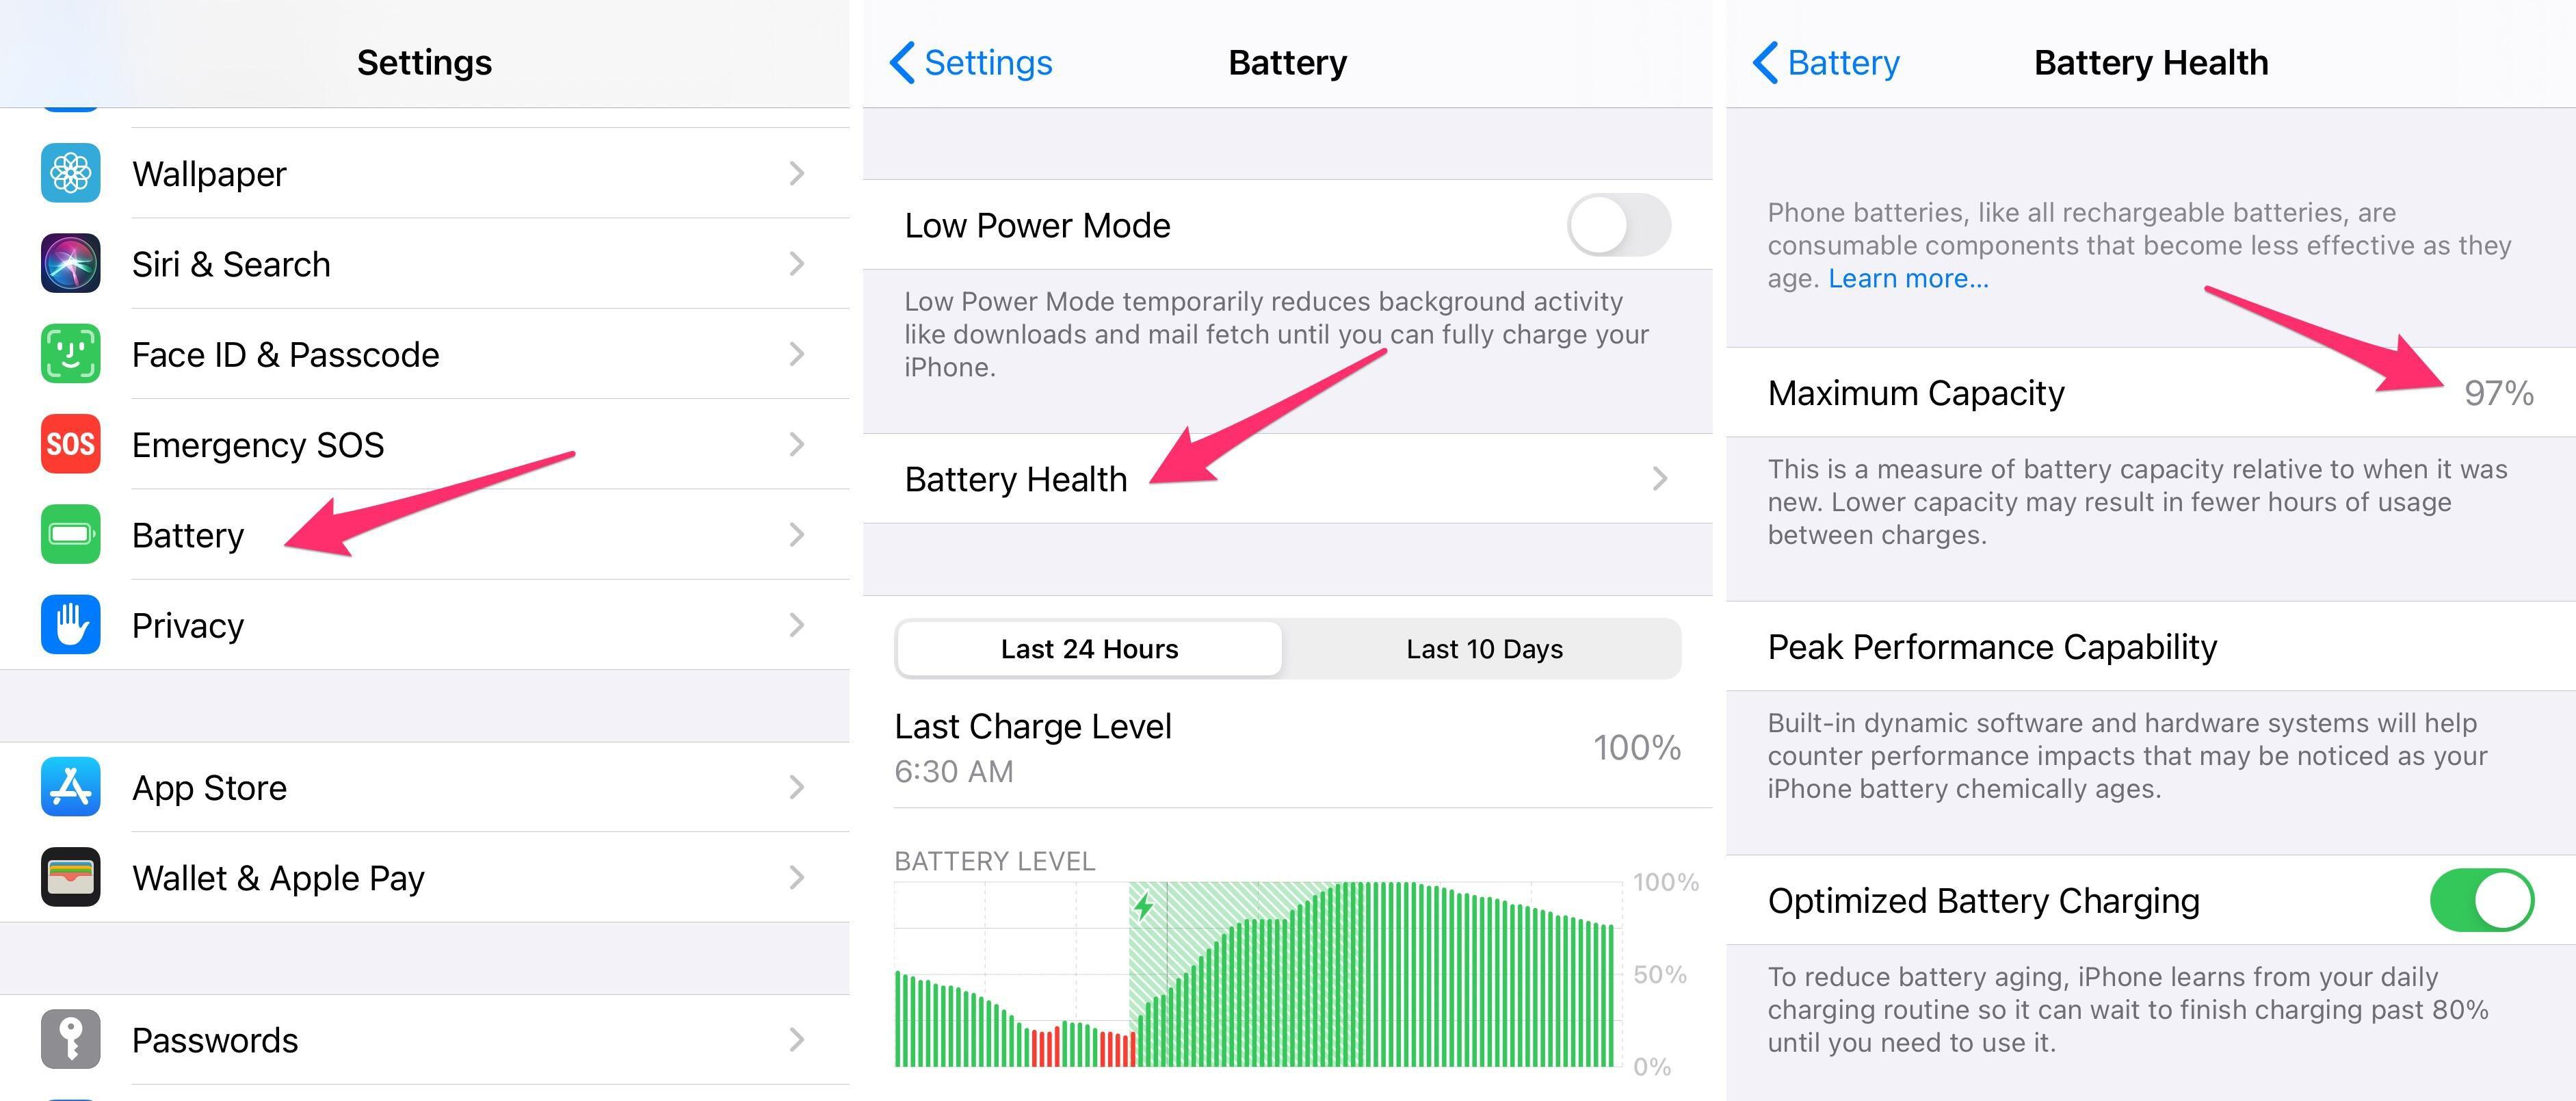 iphoen-battery-health